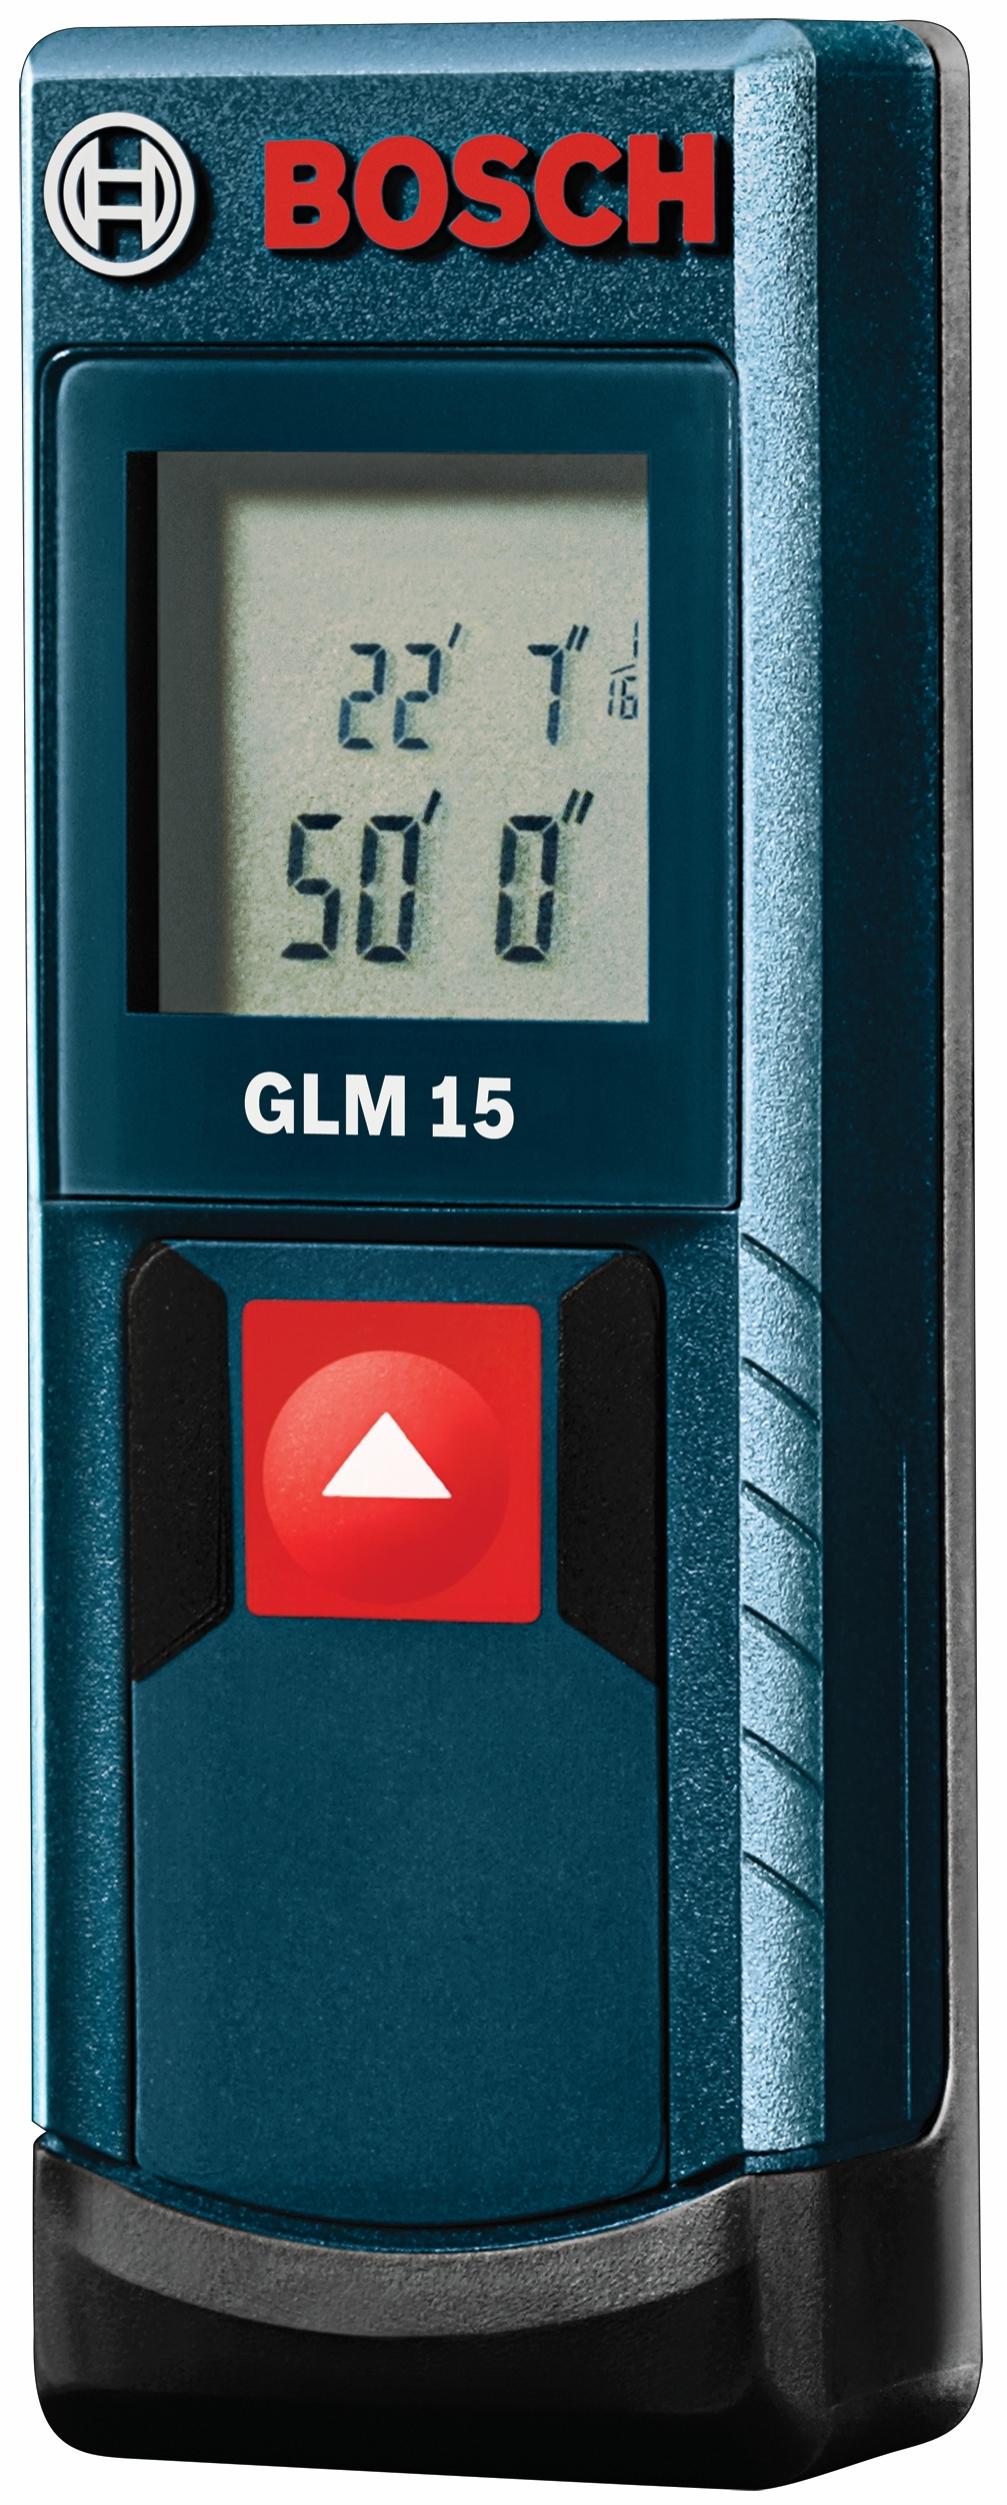 Bosch GLM 15 50 ft. Laser Measure, $50